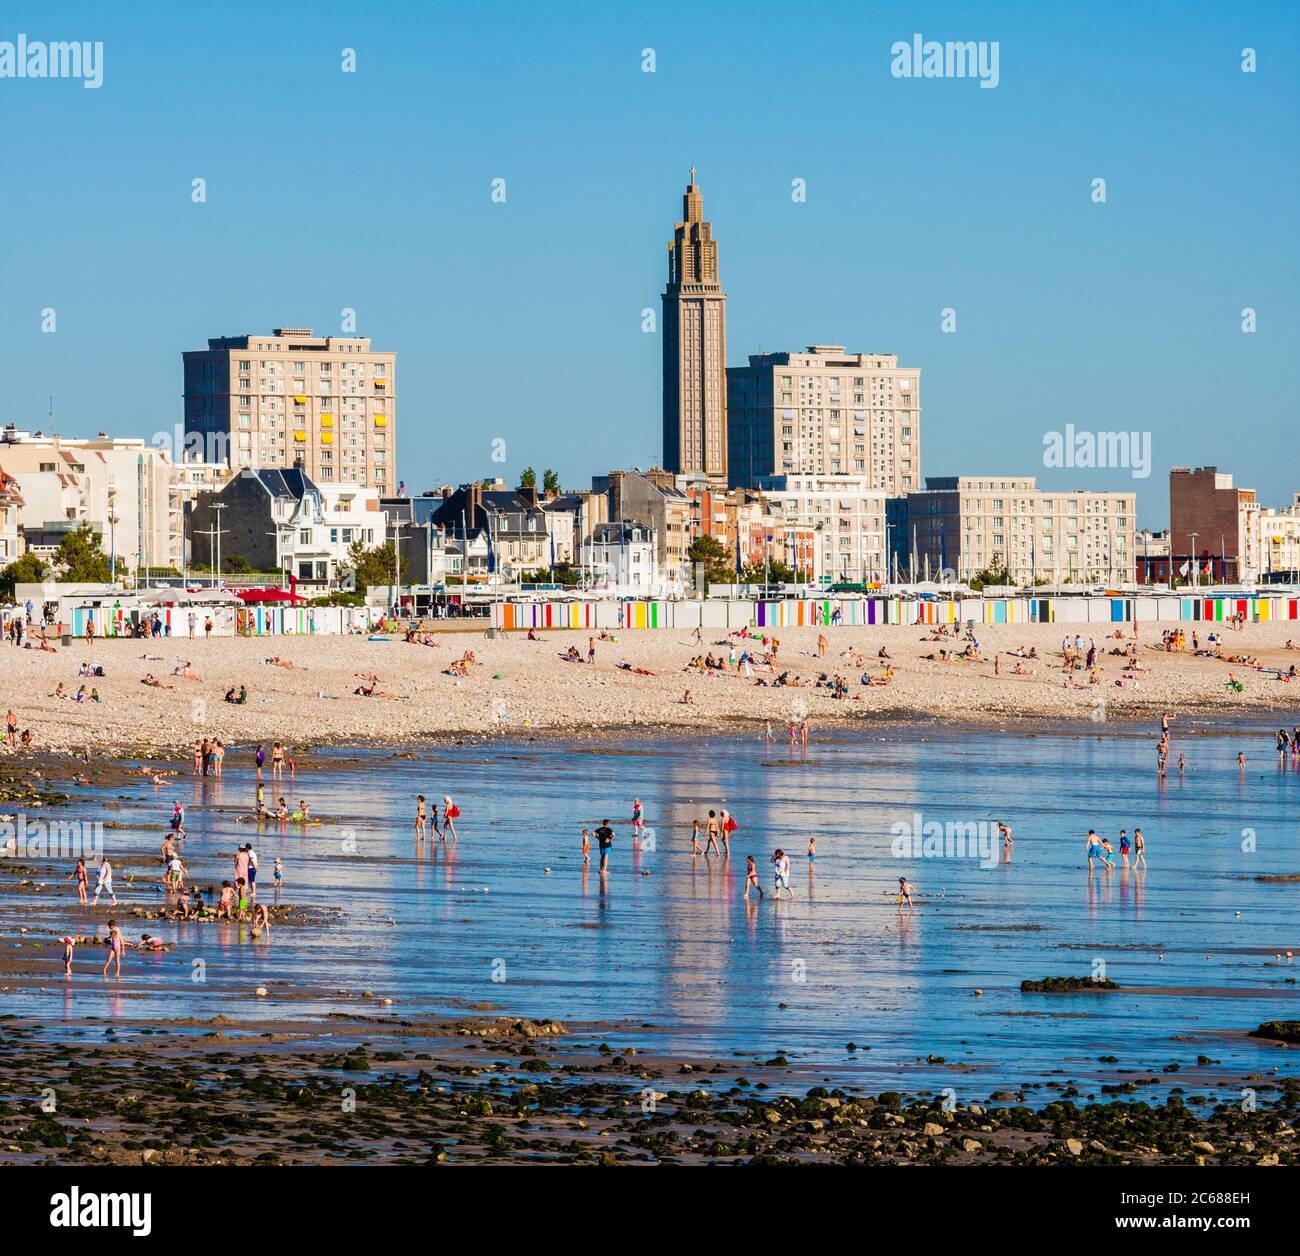 Marea baja en la playa de le Havre, Normandía, Francia Foto de stock